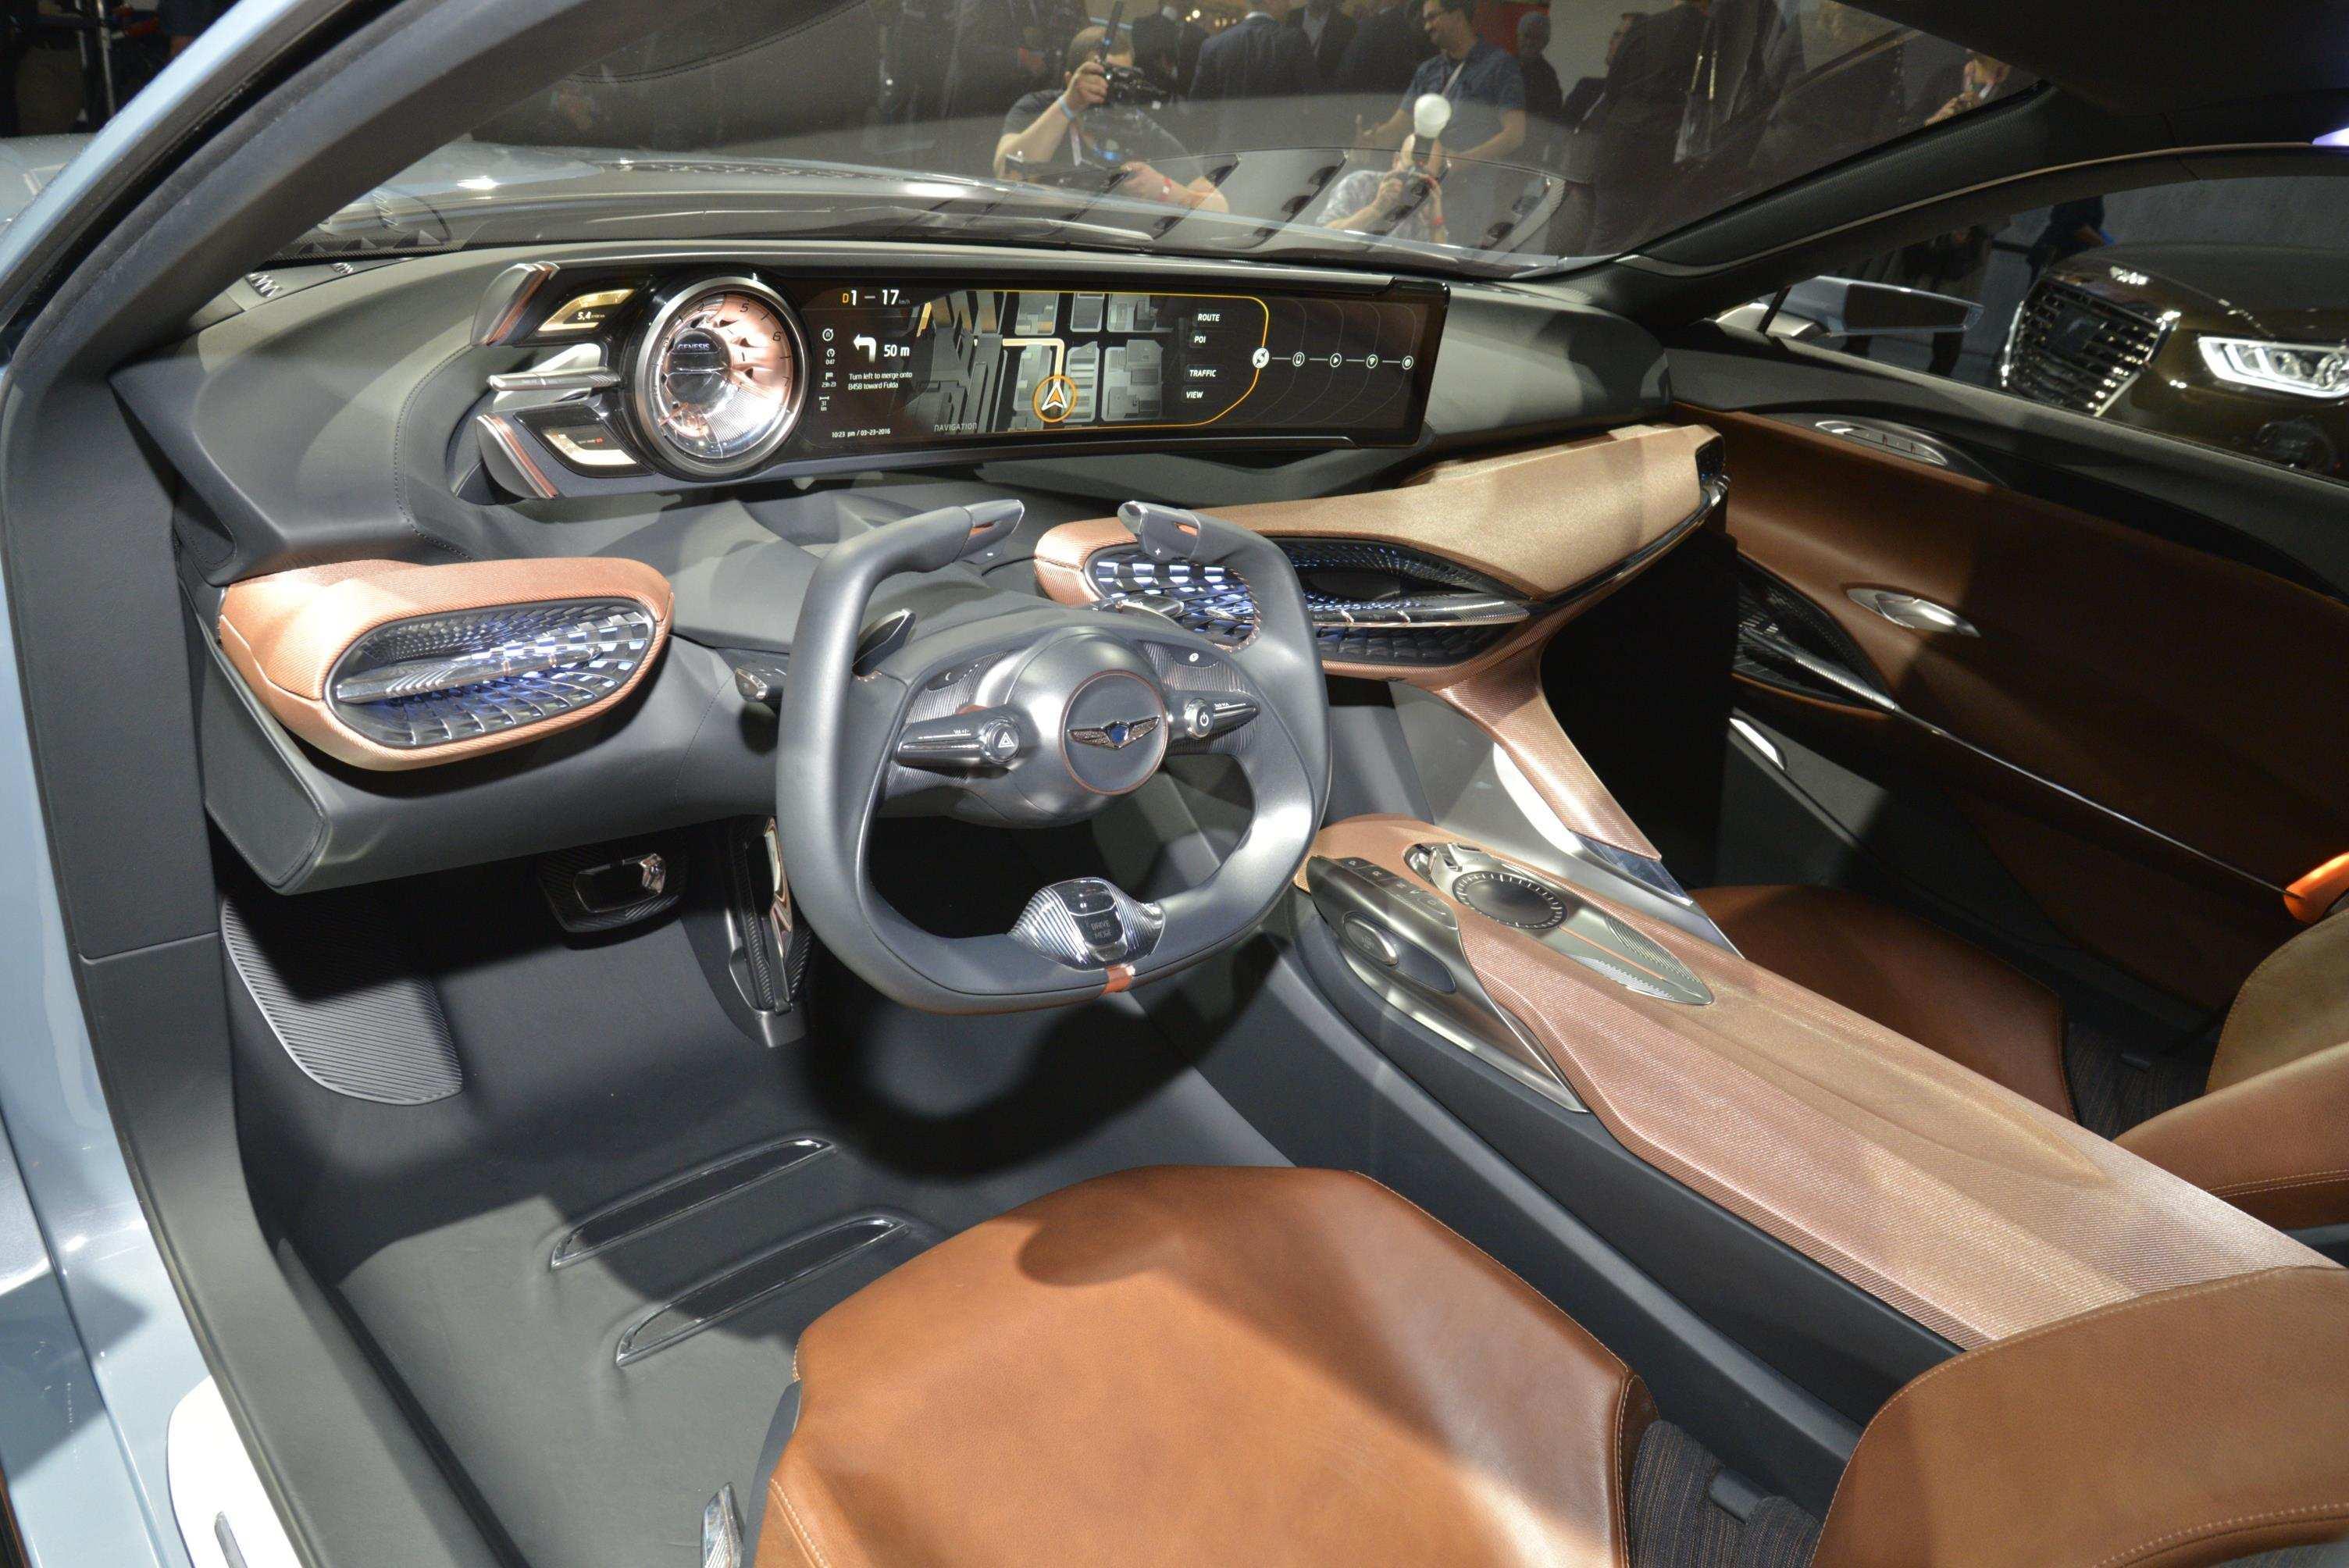 27 Gallery of 2020 Hyundai Equus Reviews with 2020 Hyundai Equus